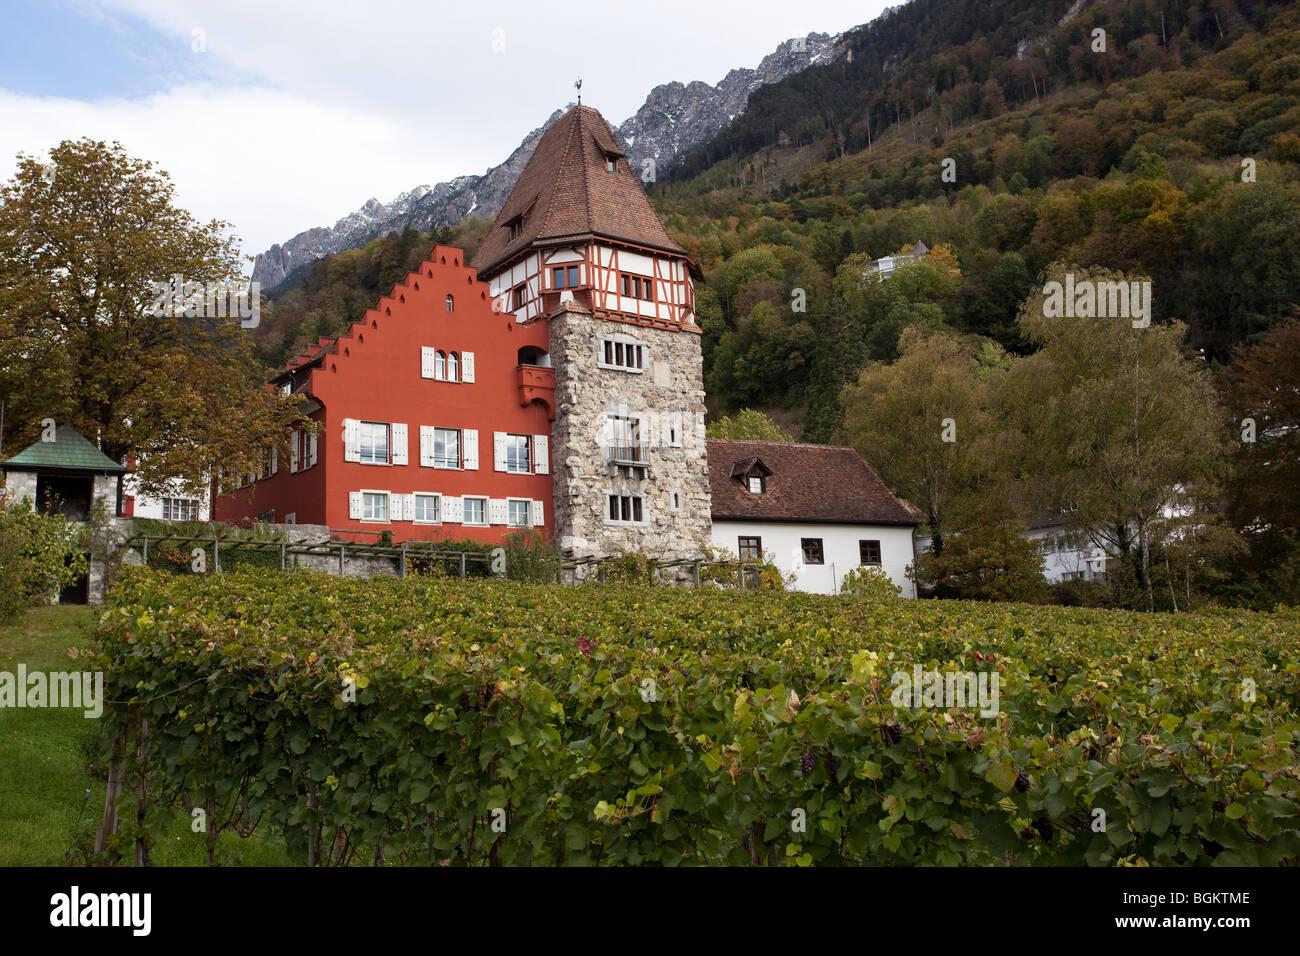 The red house, landmark of Vaduz within the vineyards, Liechtenstein Stock Photo